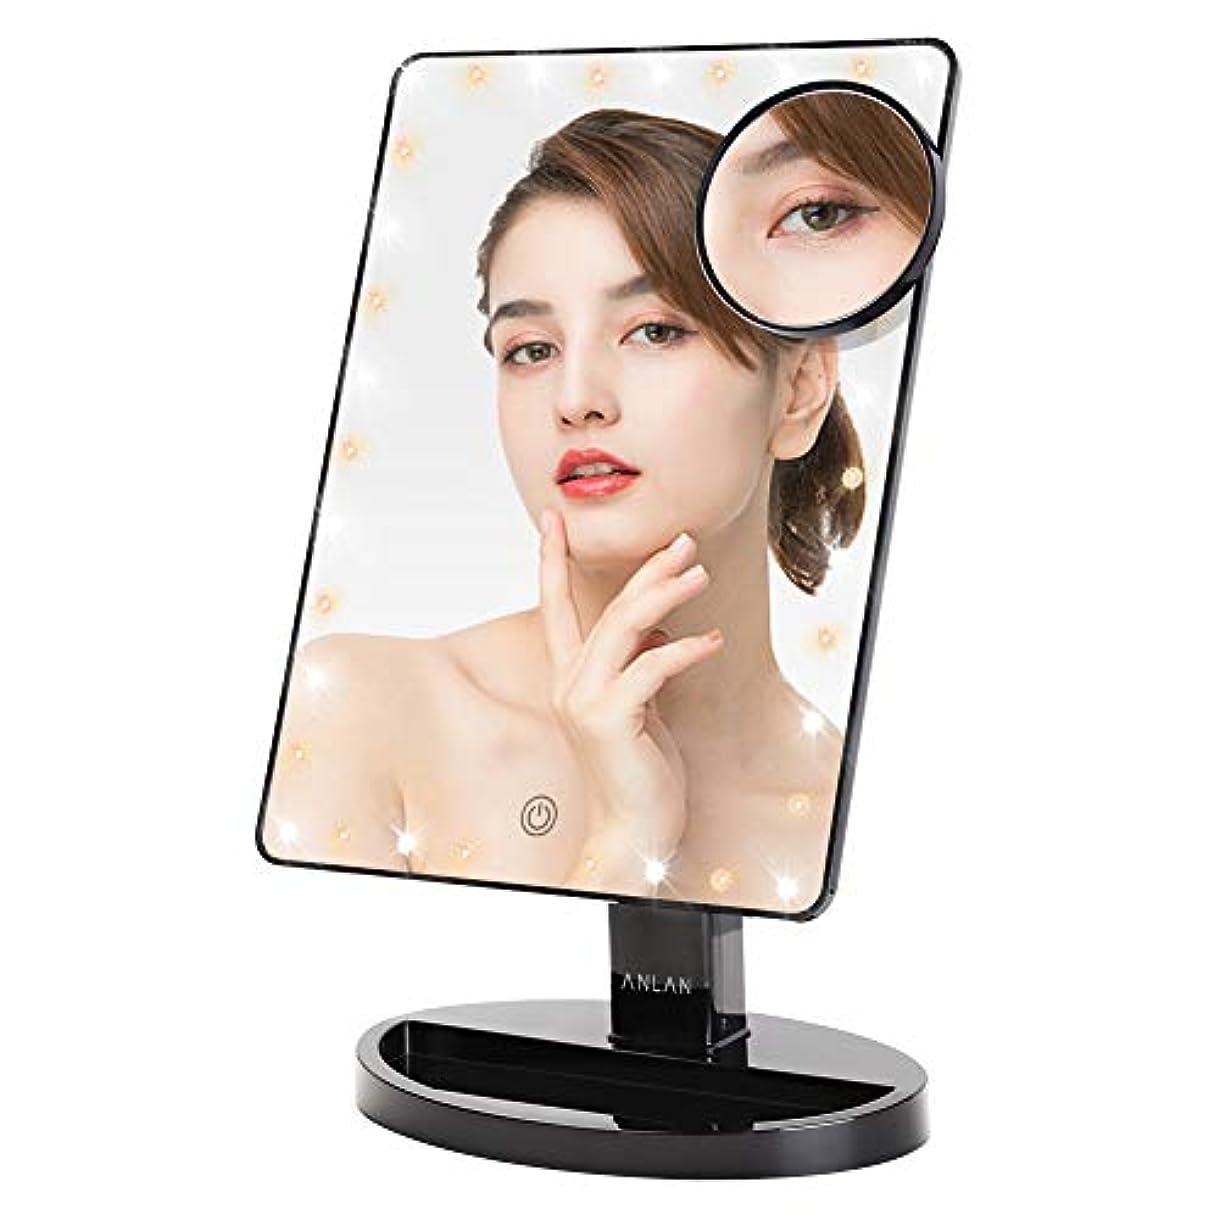 稚魚オーバードロー砂利卓上鏡 LED化粧鏡 ANLAN 女優ミラー 10倍拡大鏡付き スタンド 明るさ調節可能 360°回転式 前後180°無階段調整 USB/単三電池給電